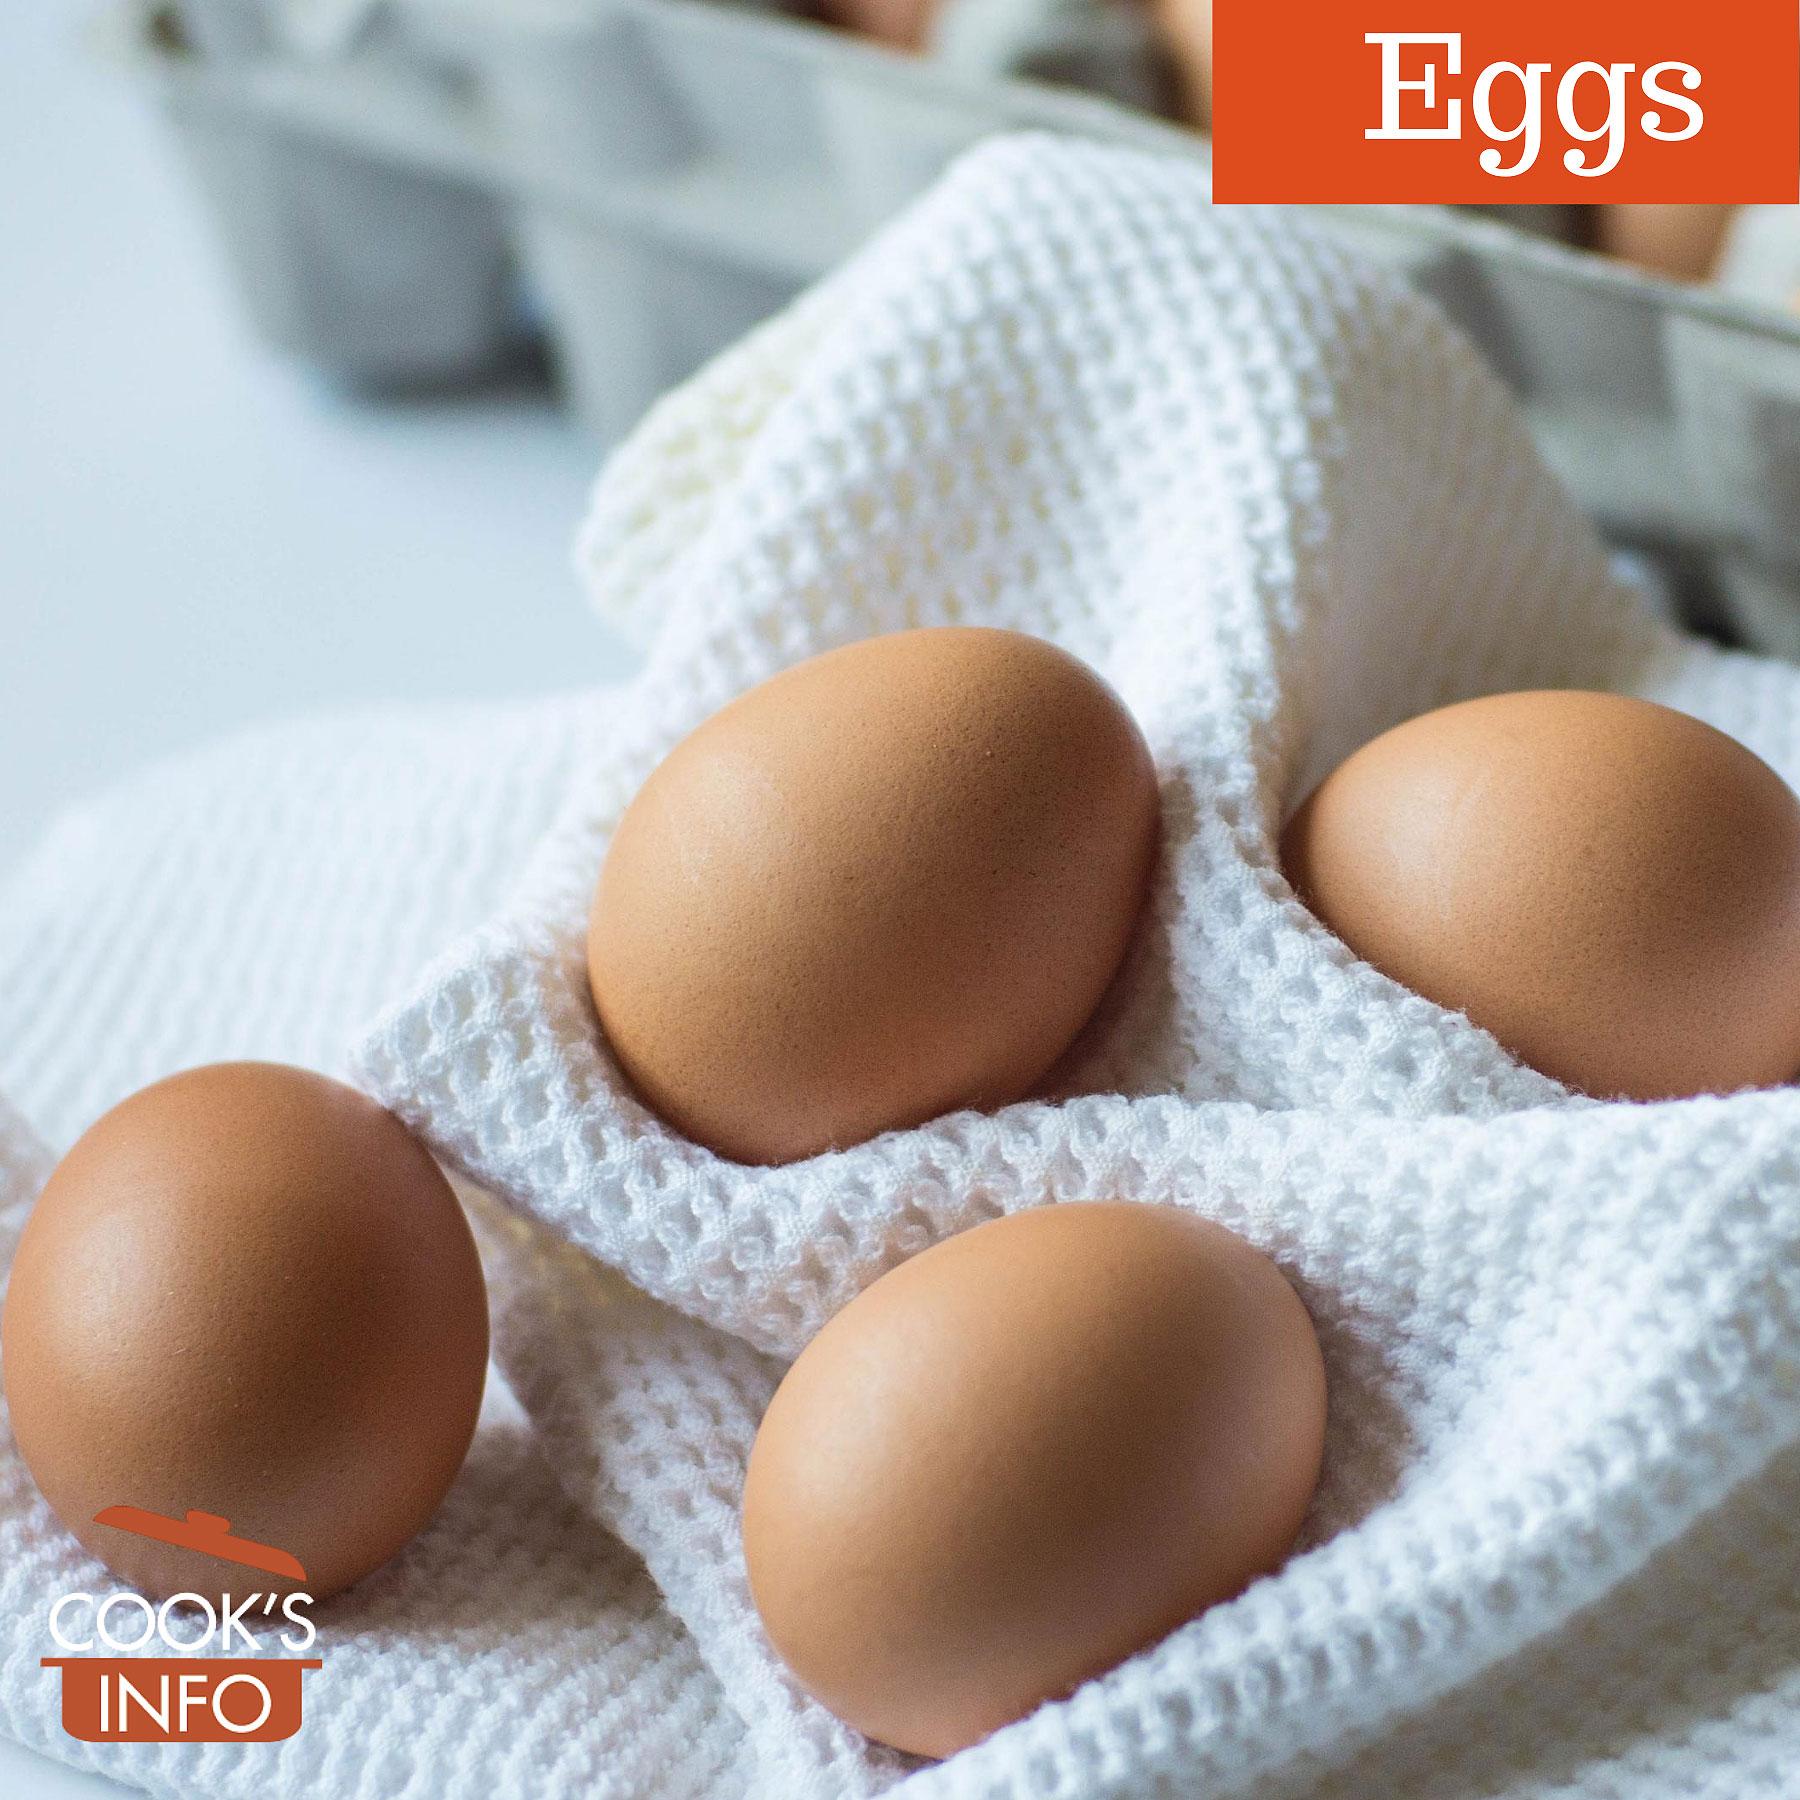 Eggs on towel